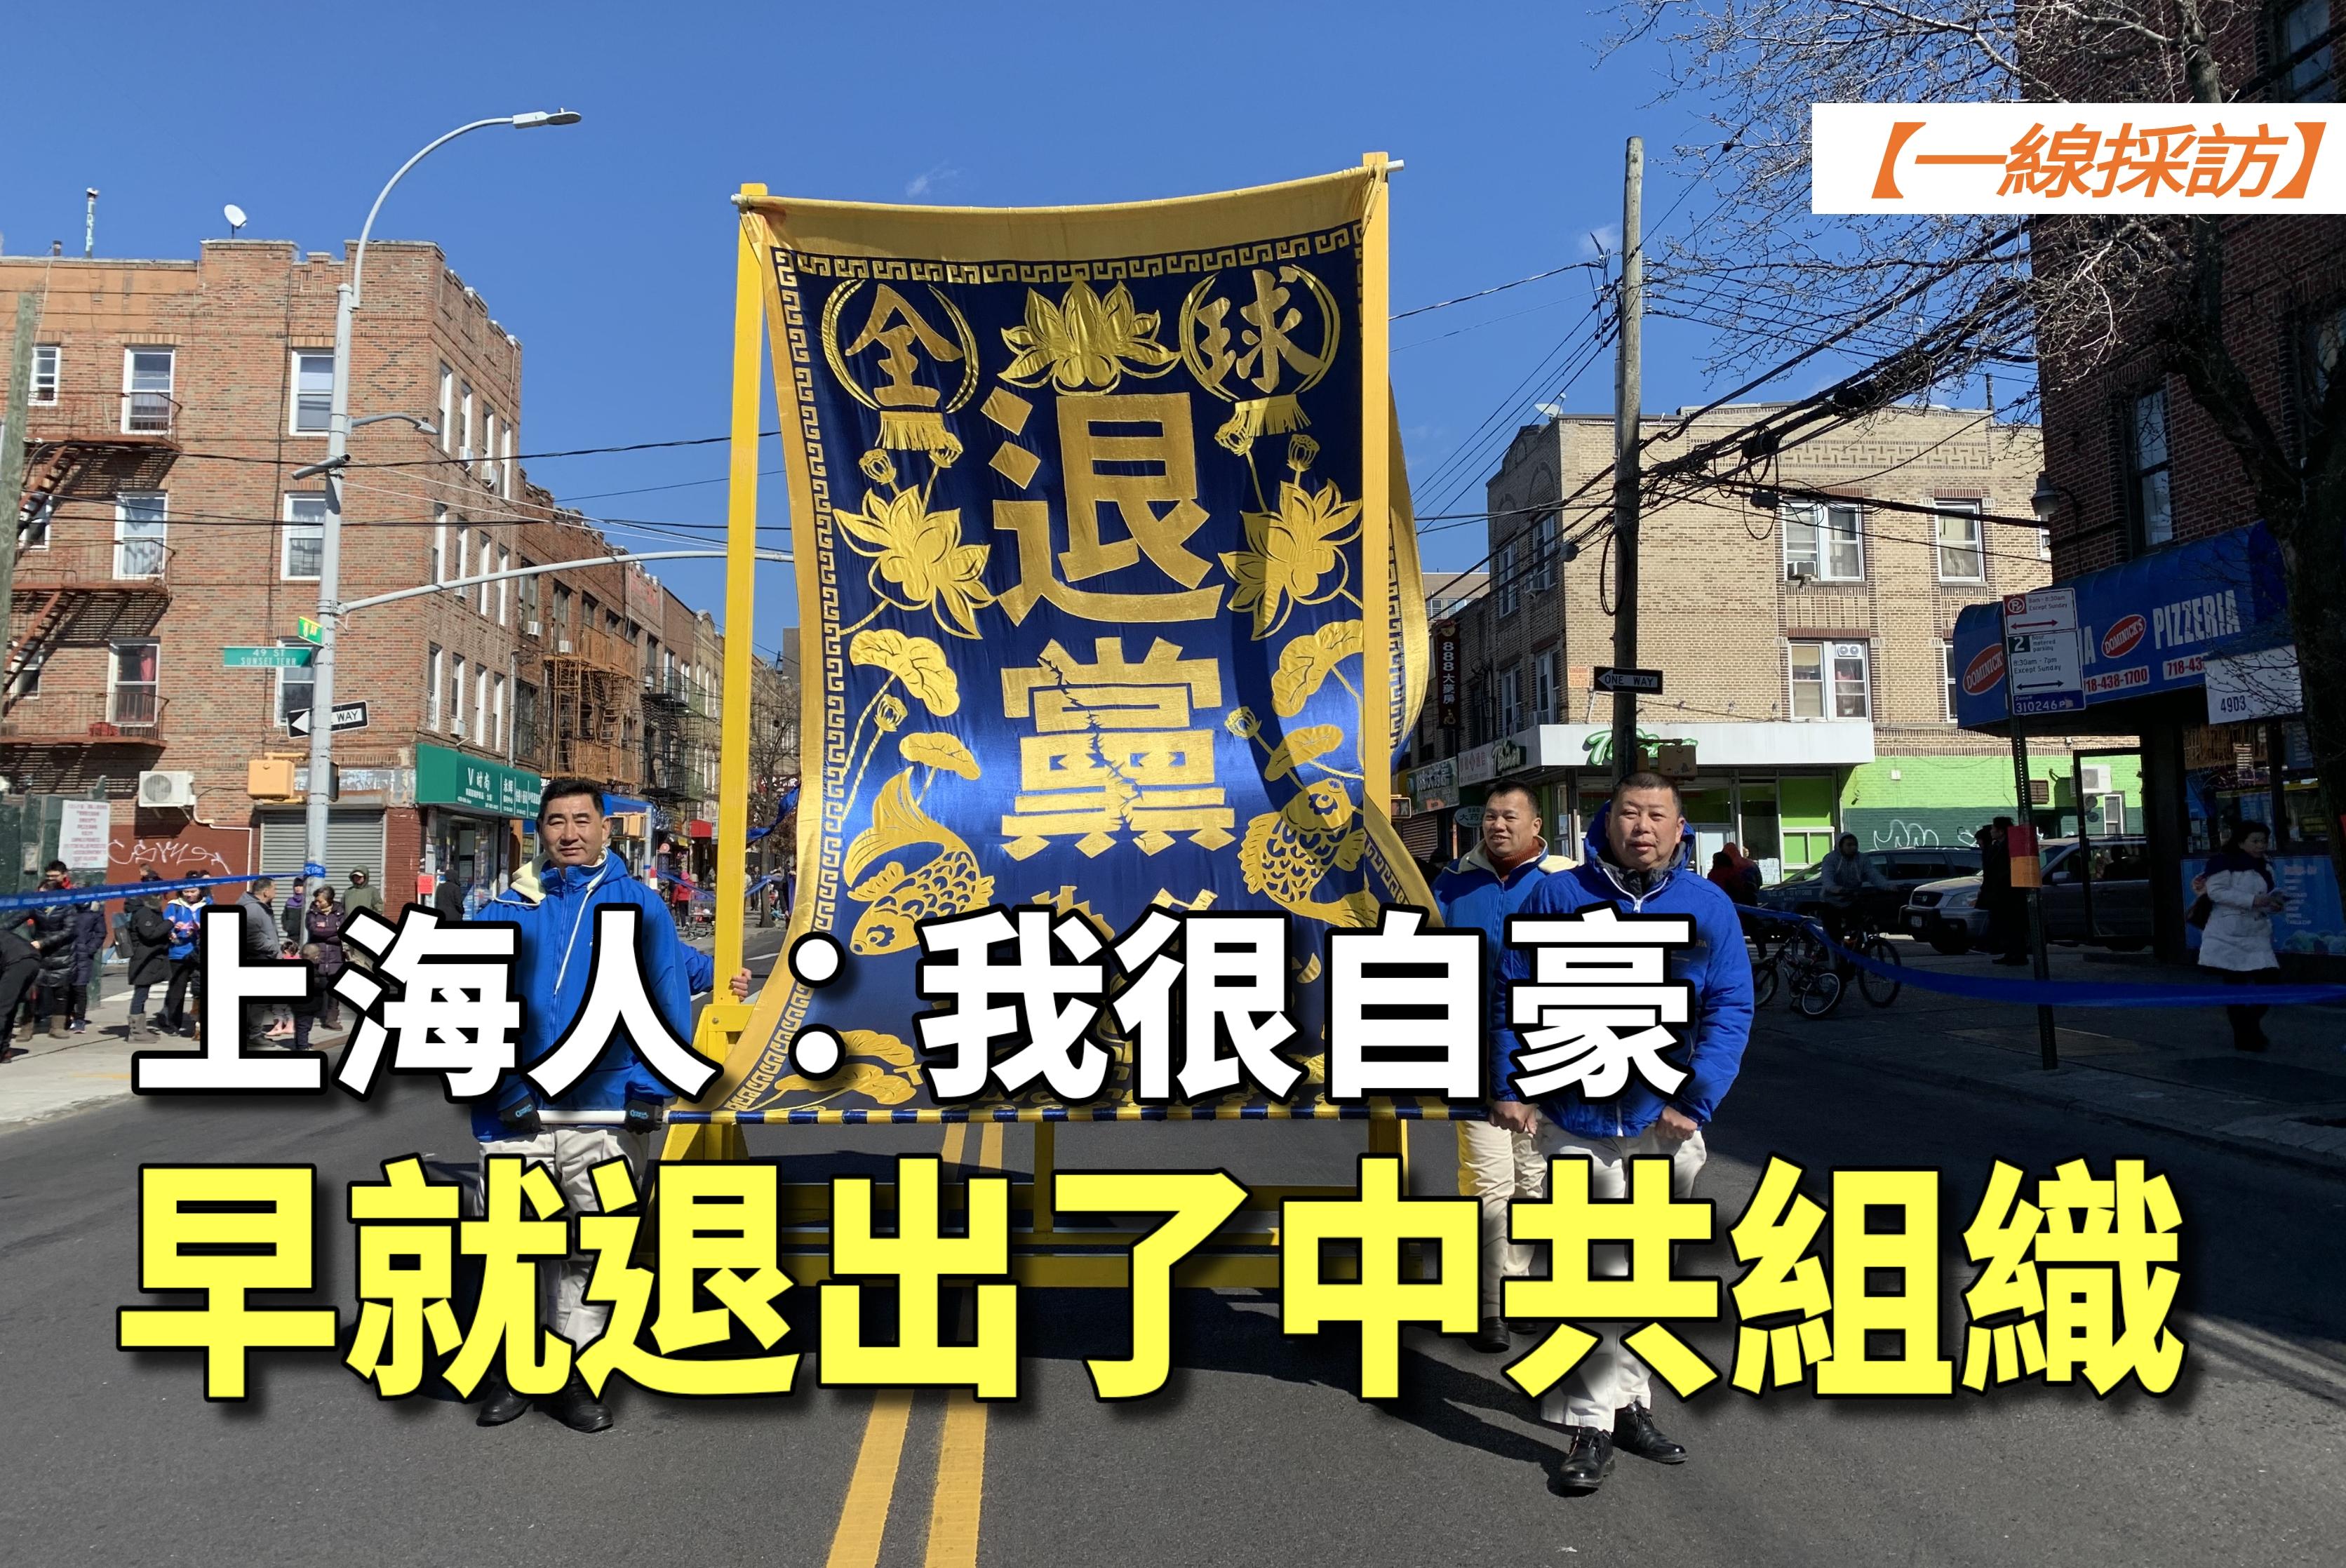 【一線採訪影片版】上海人:很自豪早退出中共